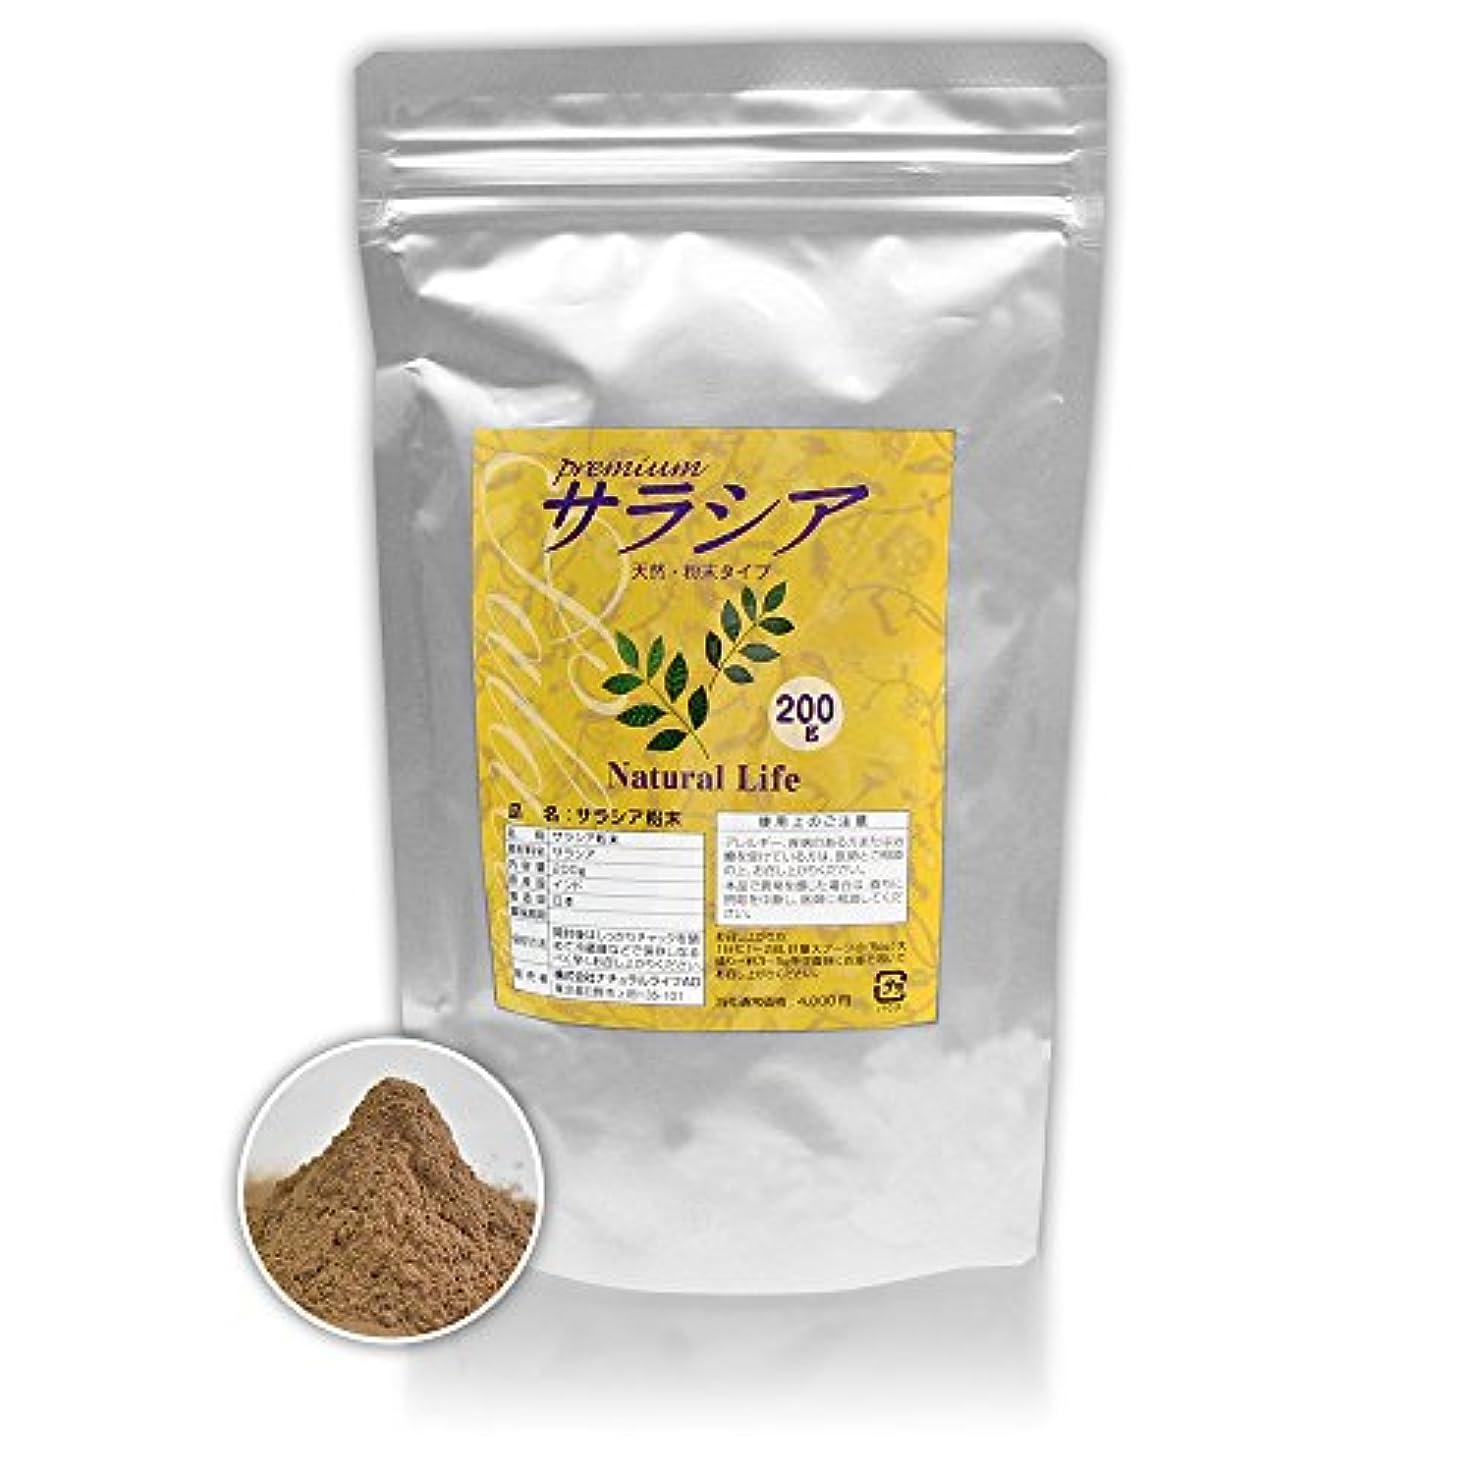 クレア小道失速サラシア粉末[200g]天然ピュア原料(無添加)健康食品(さらしあ,レティキュラータ)